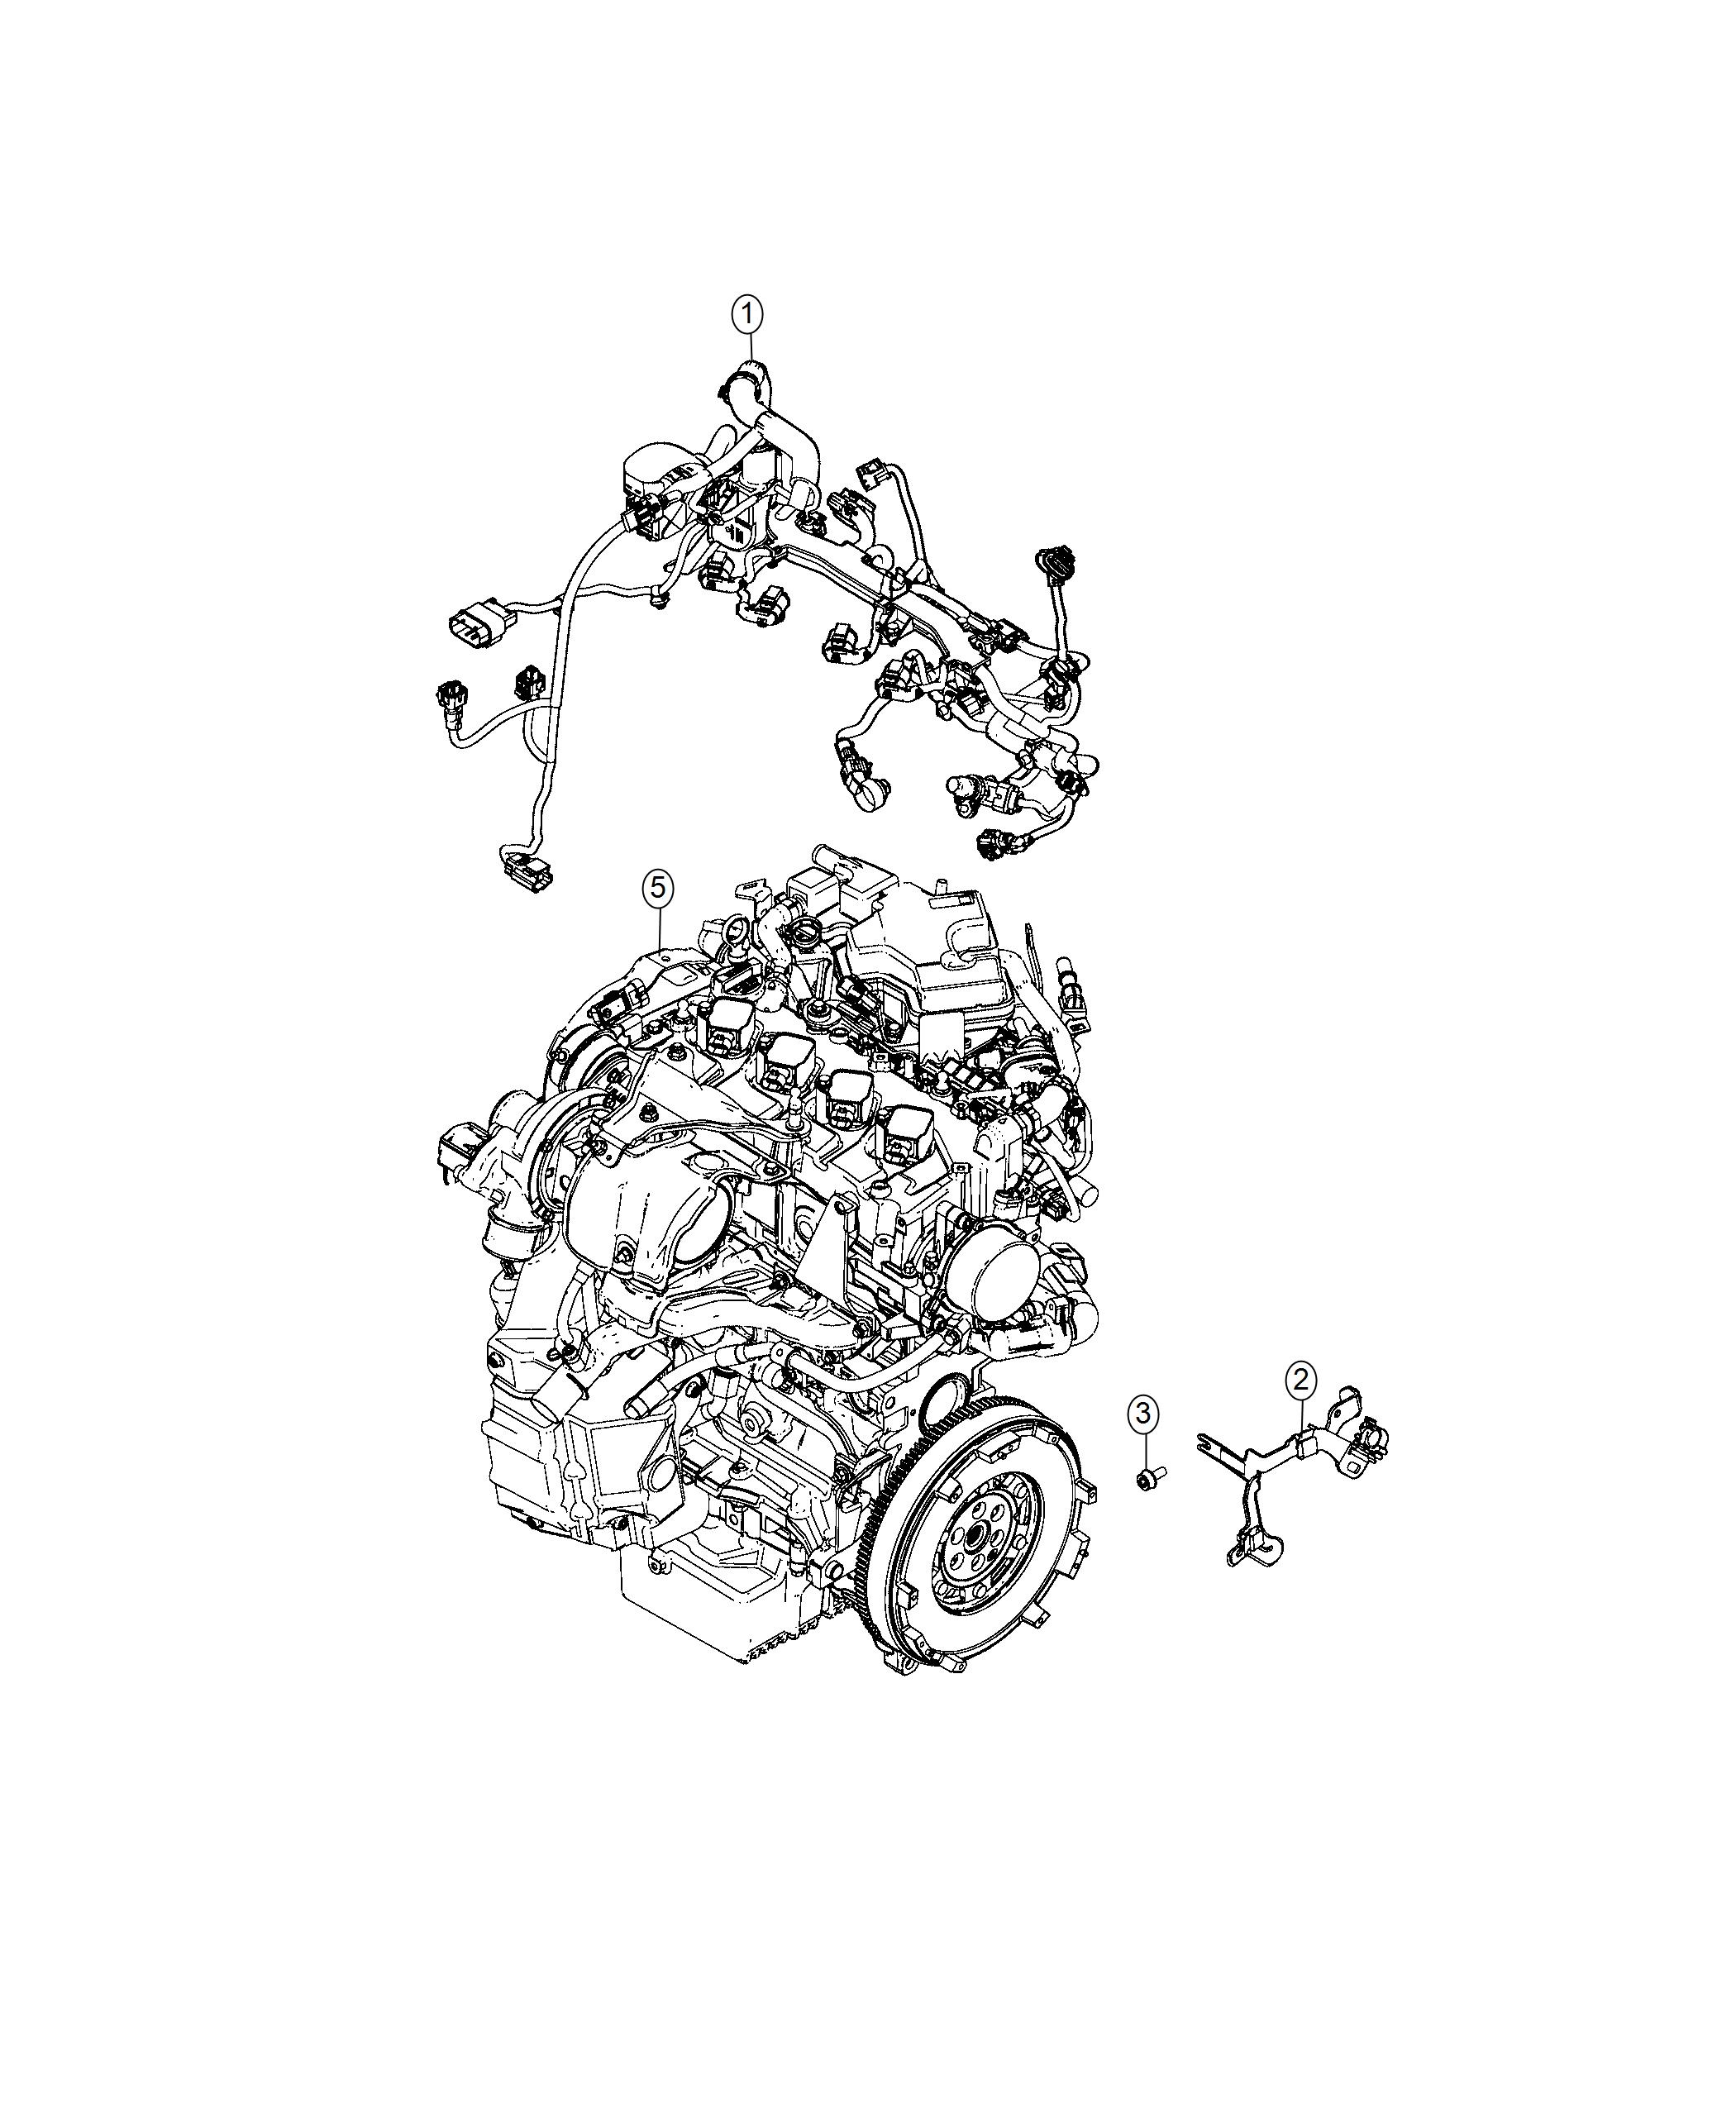 Fiat 124 Spider Bracket  Wiring Harness